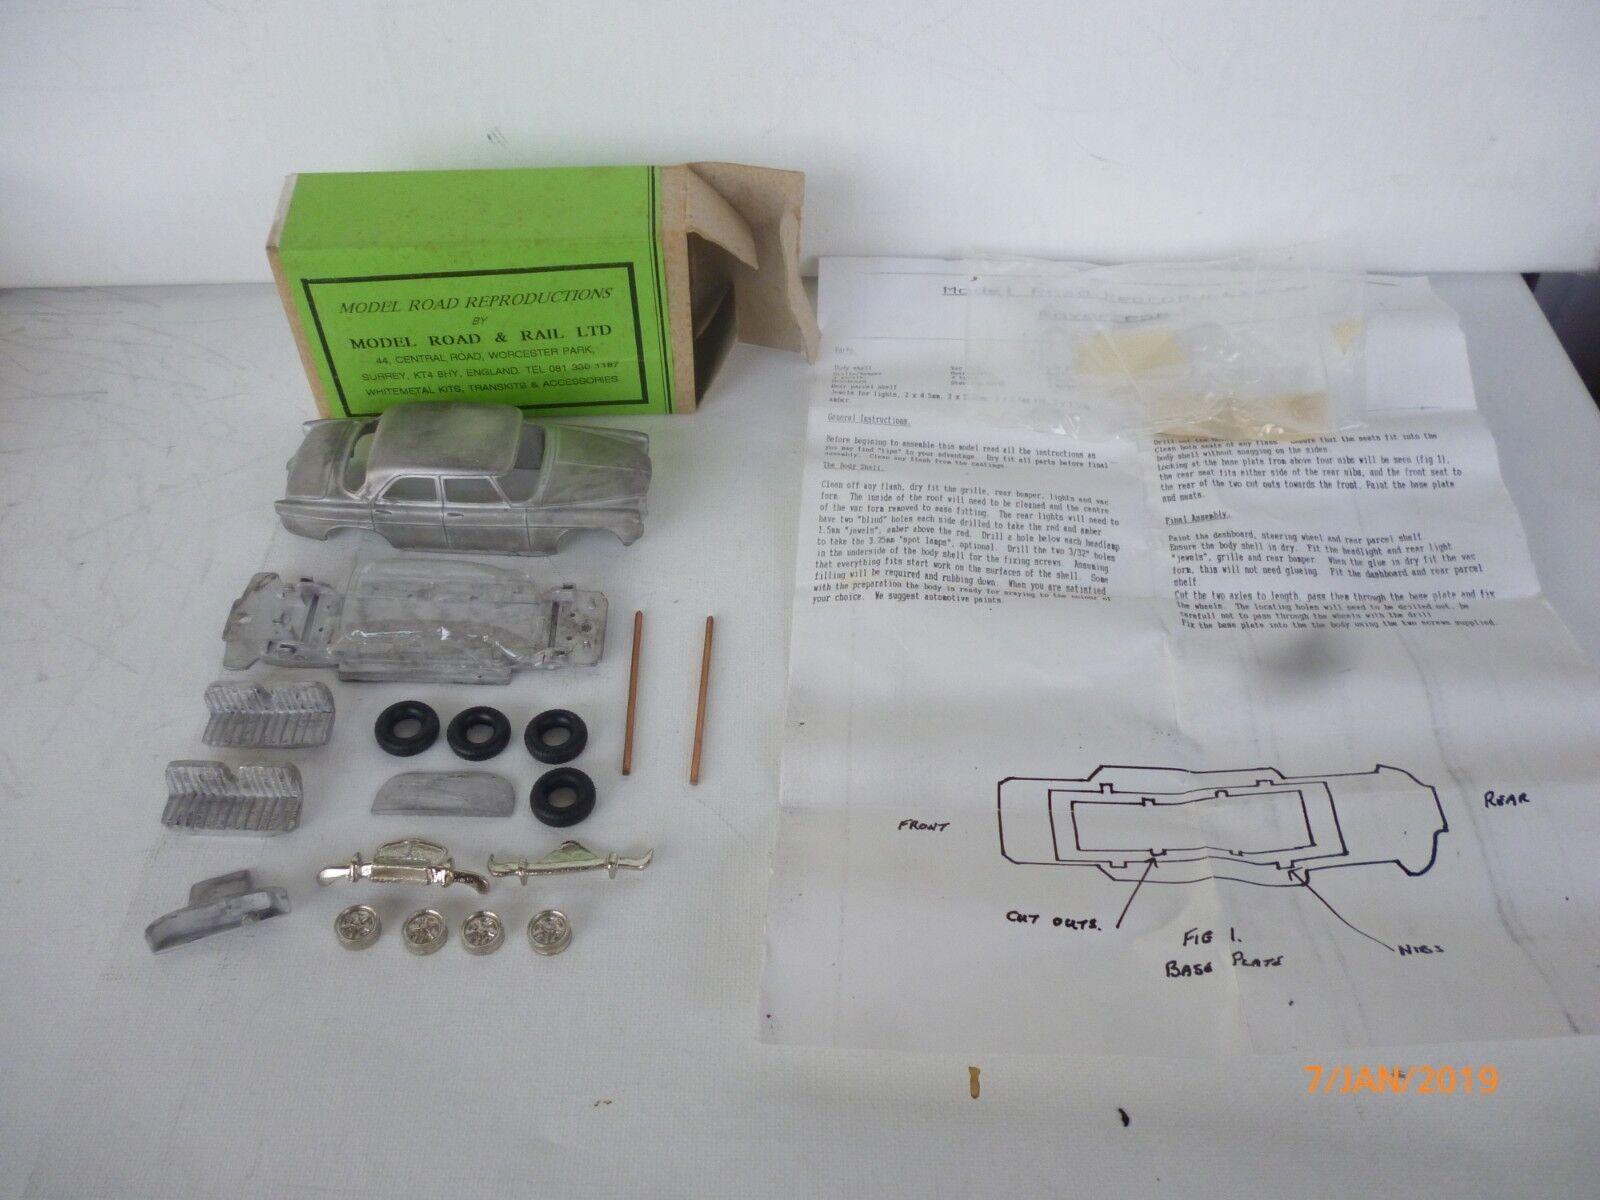 Modell straße reproduktionen - dinky spielzeug replik - 1 43 rover 3 - liter - unbebauten